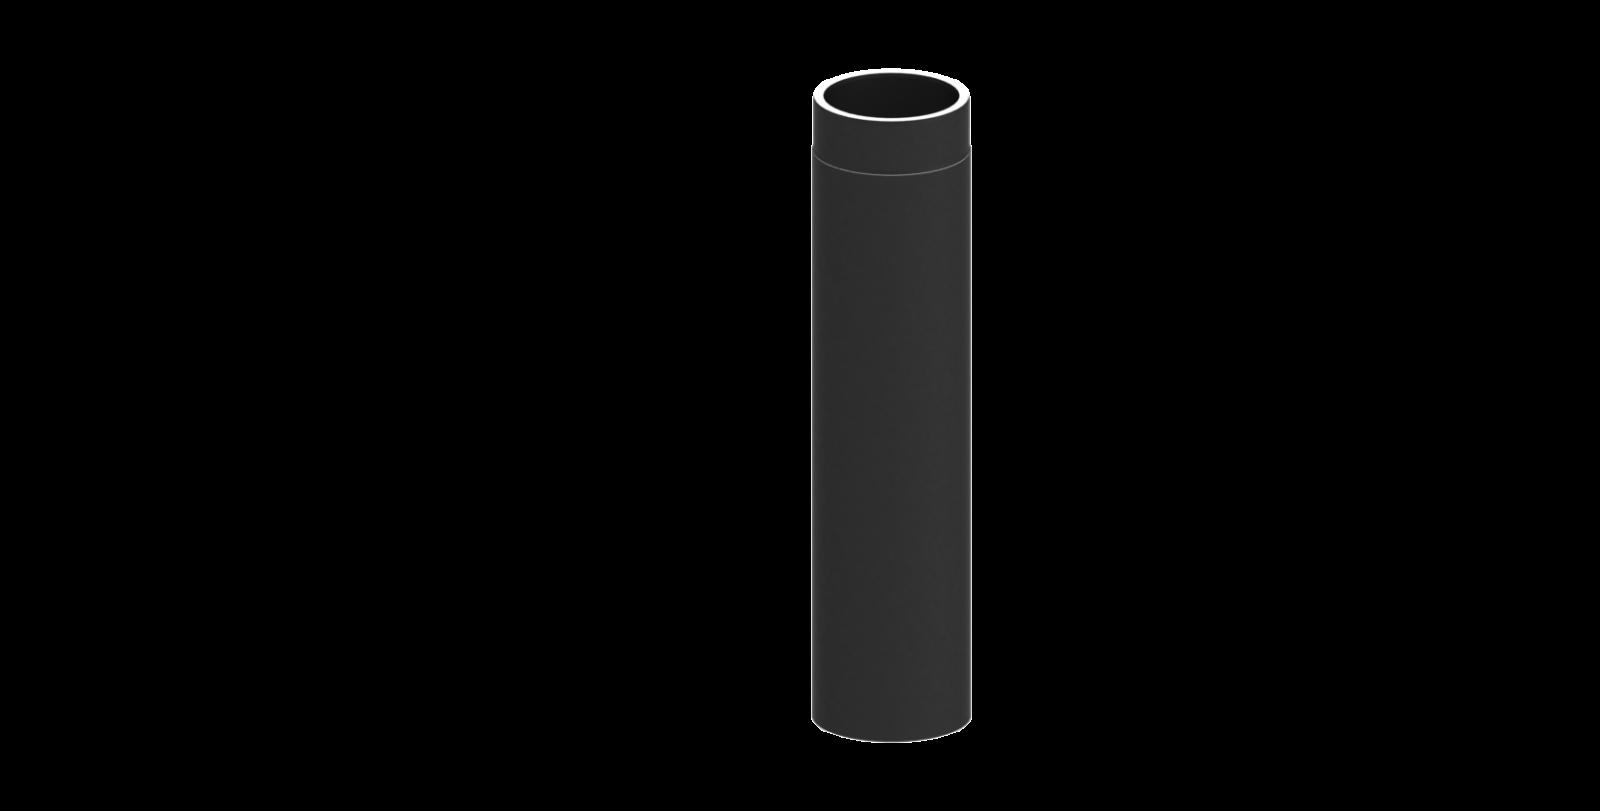 el ment droit 750mm noir double paroi conduit po le bois tec fr isoline chemineeo. Black Bedroom Furniture Sets. Home Design Ideas